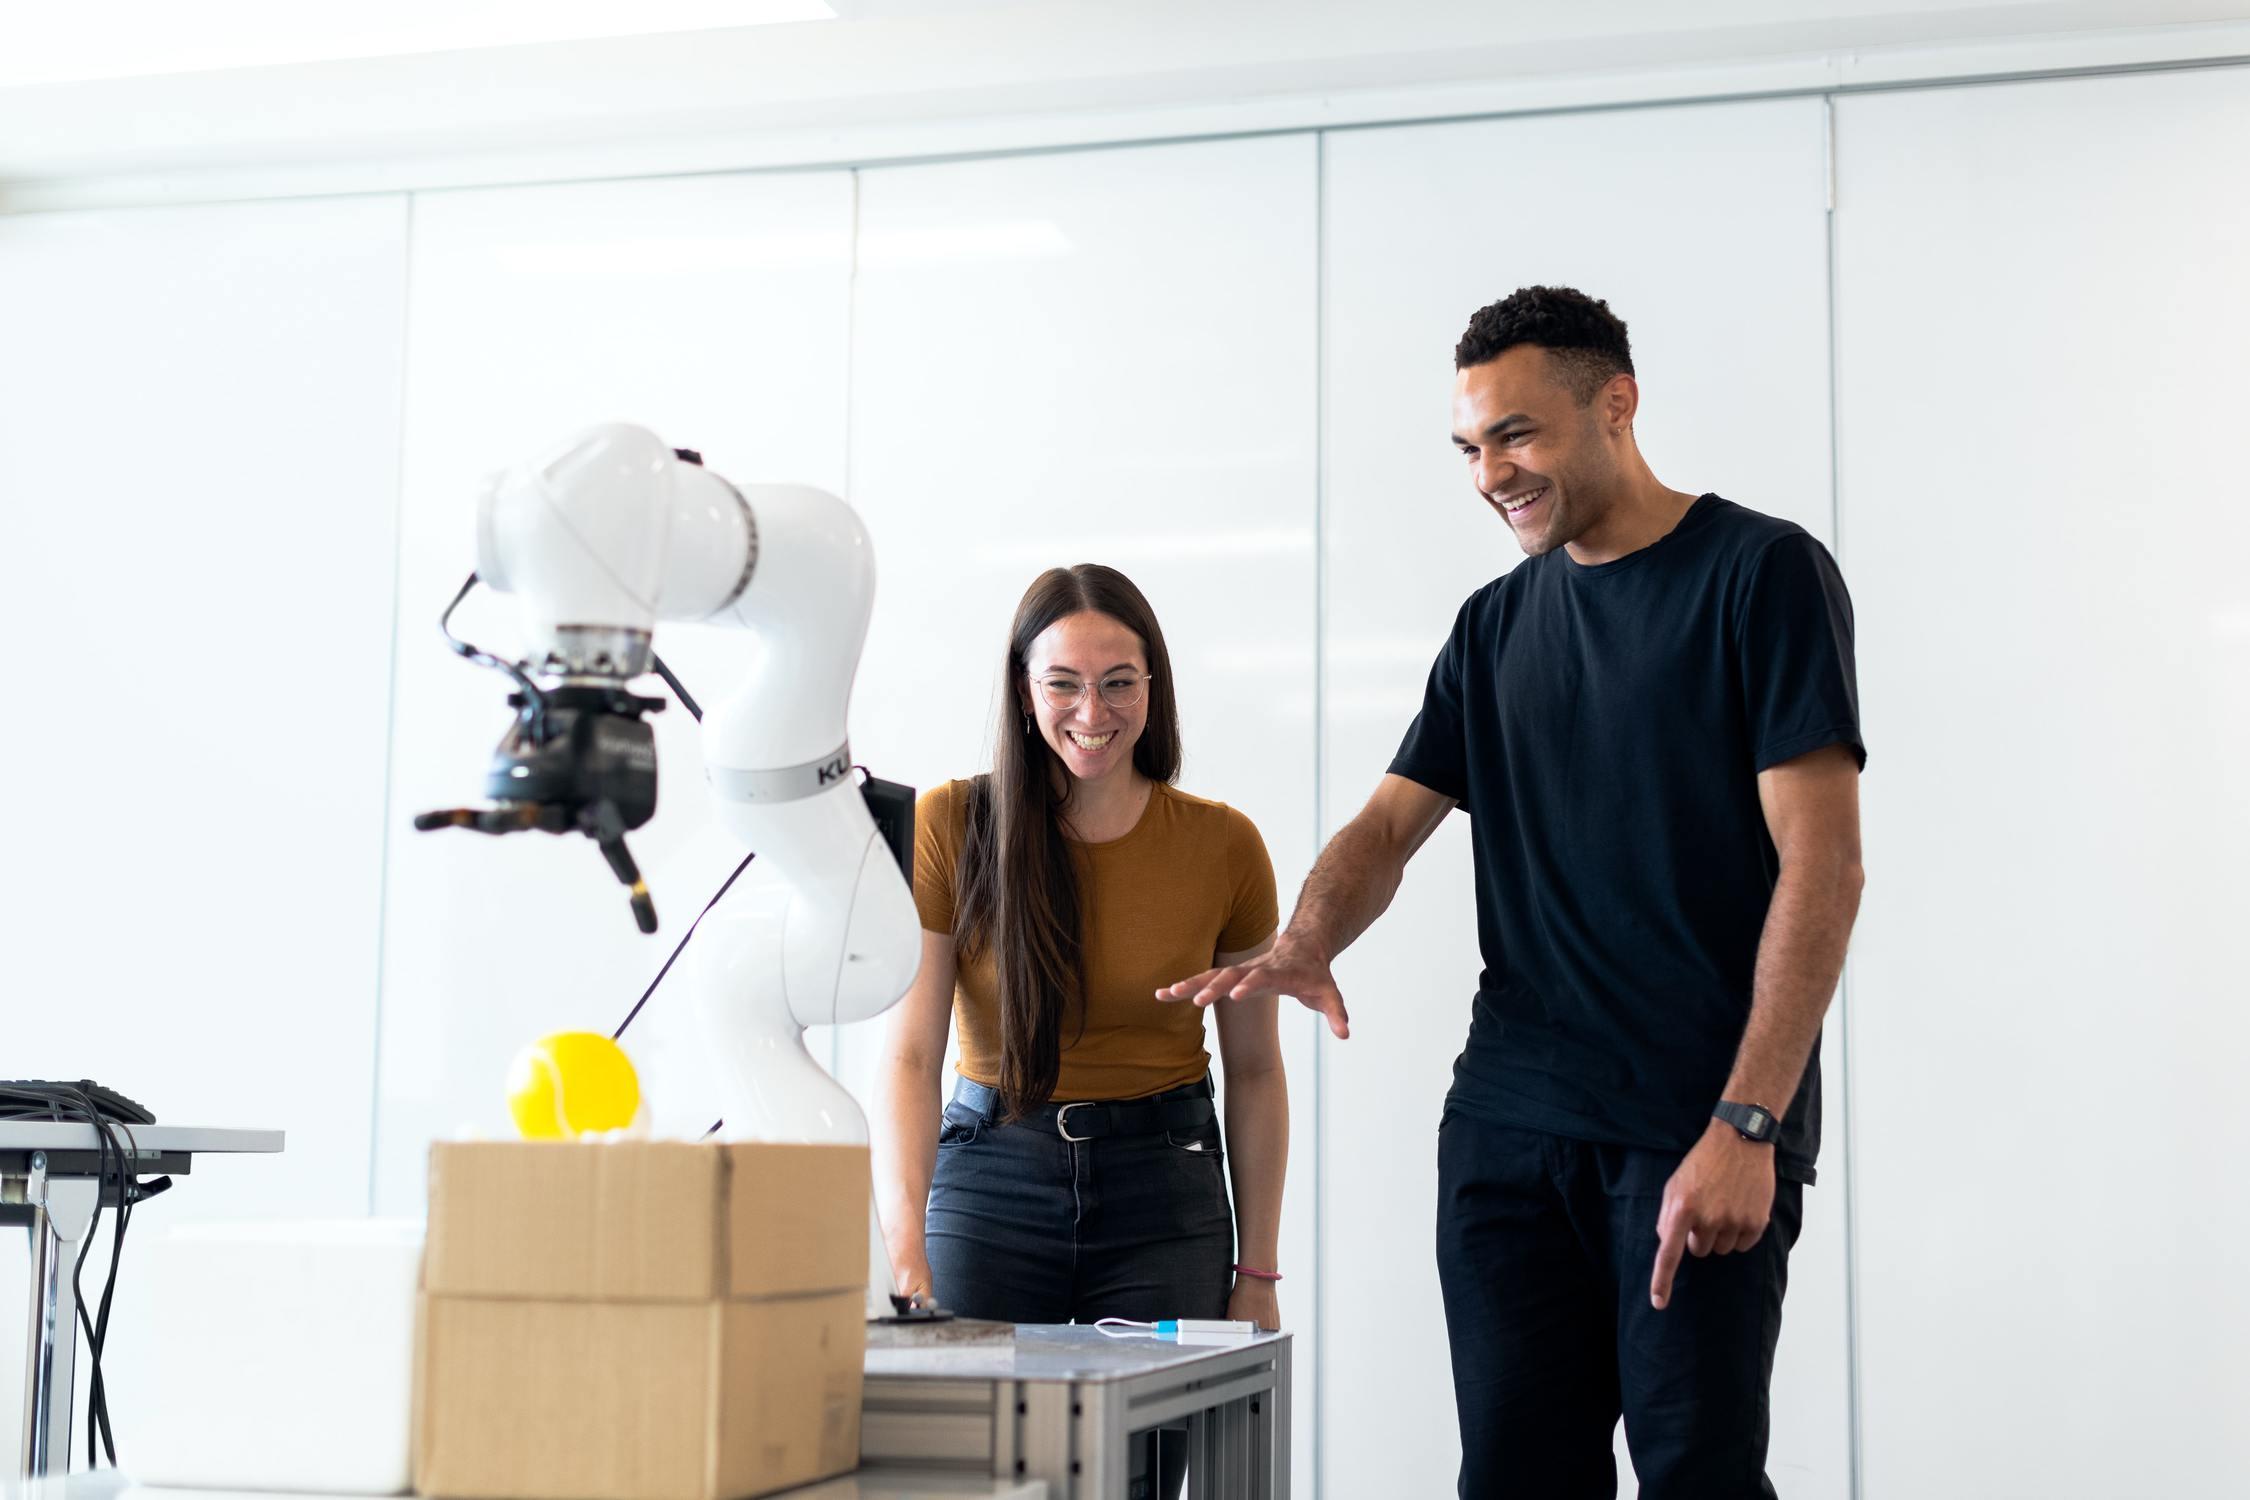 Junge Frau und junger Mann bedienen lachend gemeinsam einen Roboter in einer HTL